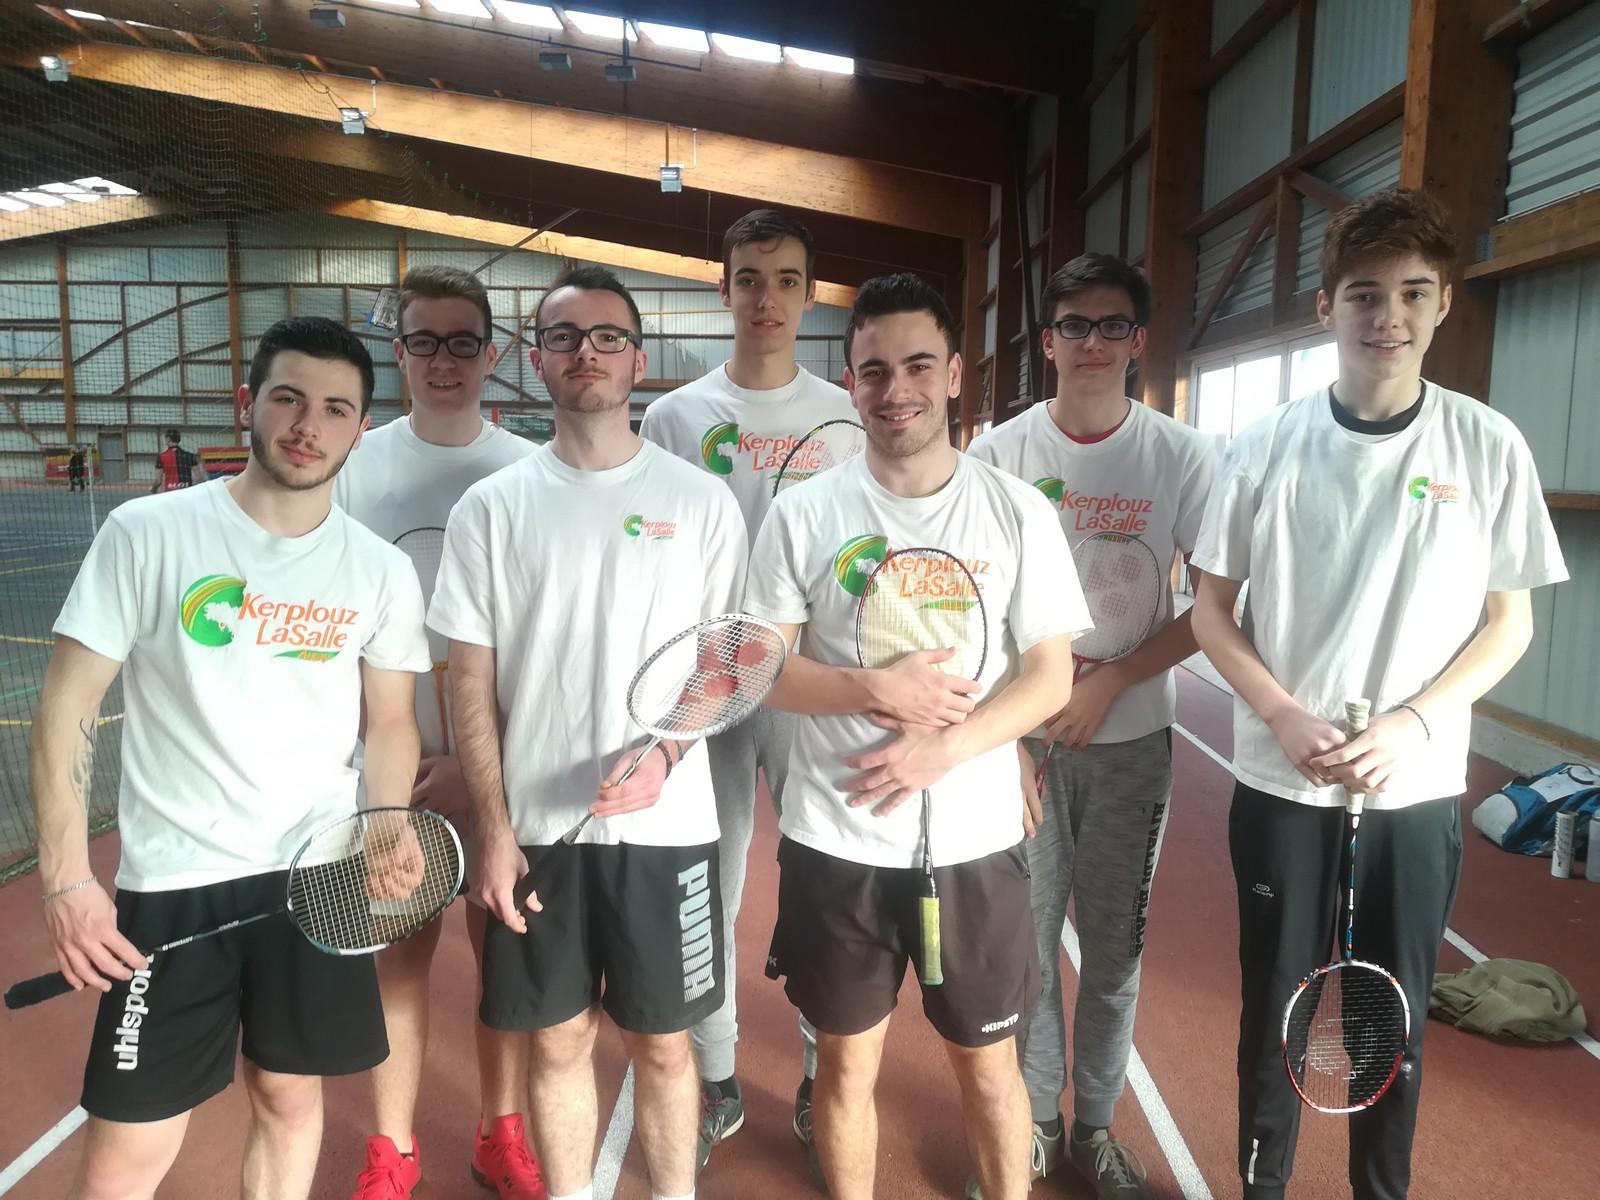 Bad à Boum !! Robbie Annézo, Champion du Morbihan de Badminton